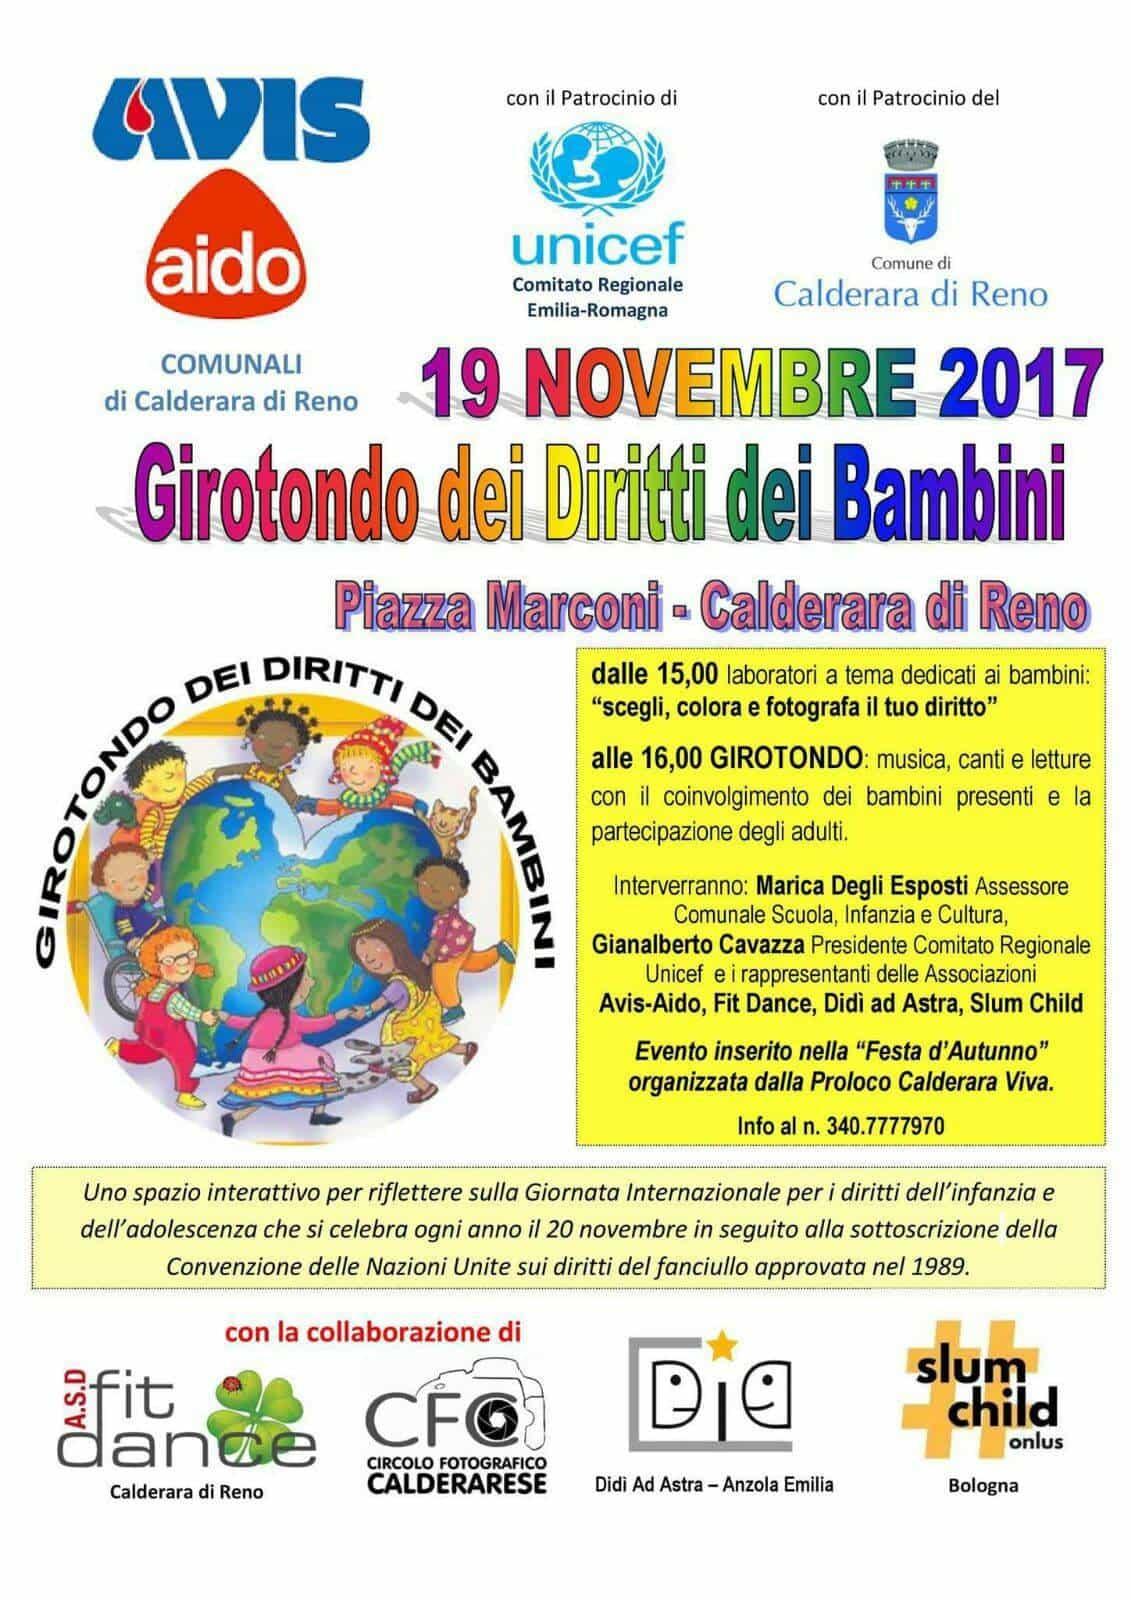 Girotondo dei diritti dei bambini a Calderara di Reno @ Piazza Marconi Calderara di Reno | Calderara di Reno | Emilia-Romagna | Italia